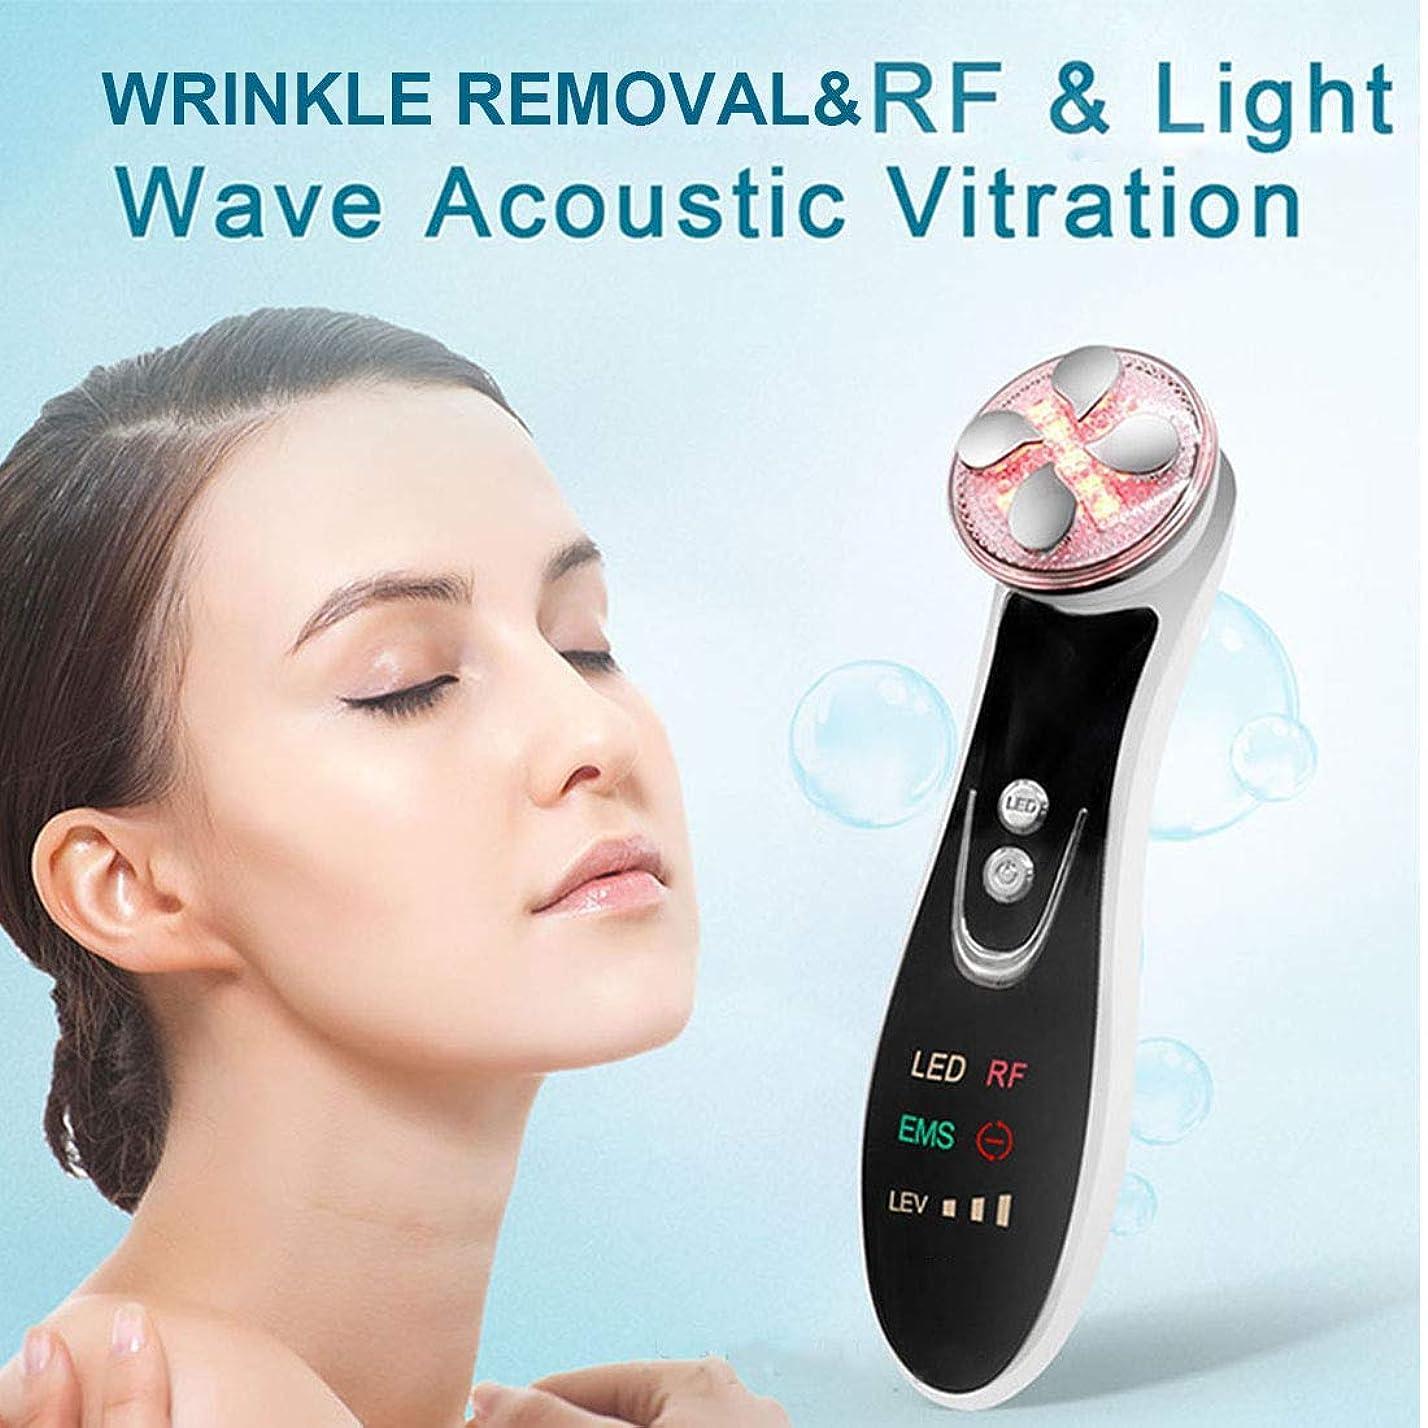 人に関する限りお勧めしなやかな5色のLED光療法EMSのRFフェイス美容マッサージャーマシンフェイスリフトスキン締めのための